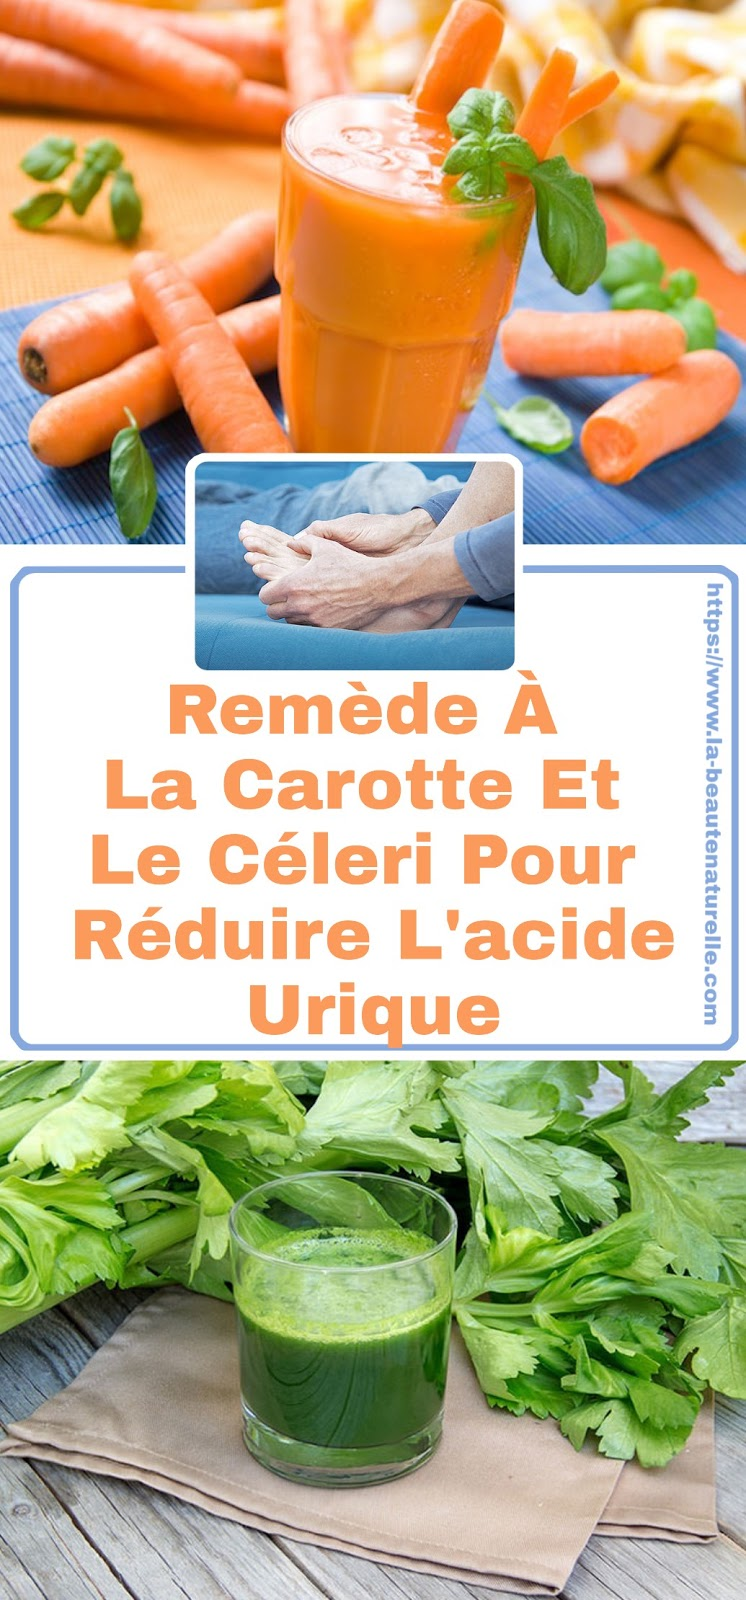 Remède À La Carotte Et Le Céleri Pour Réduire L'acide Urique